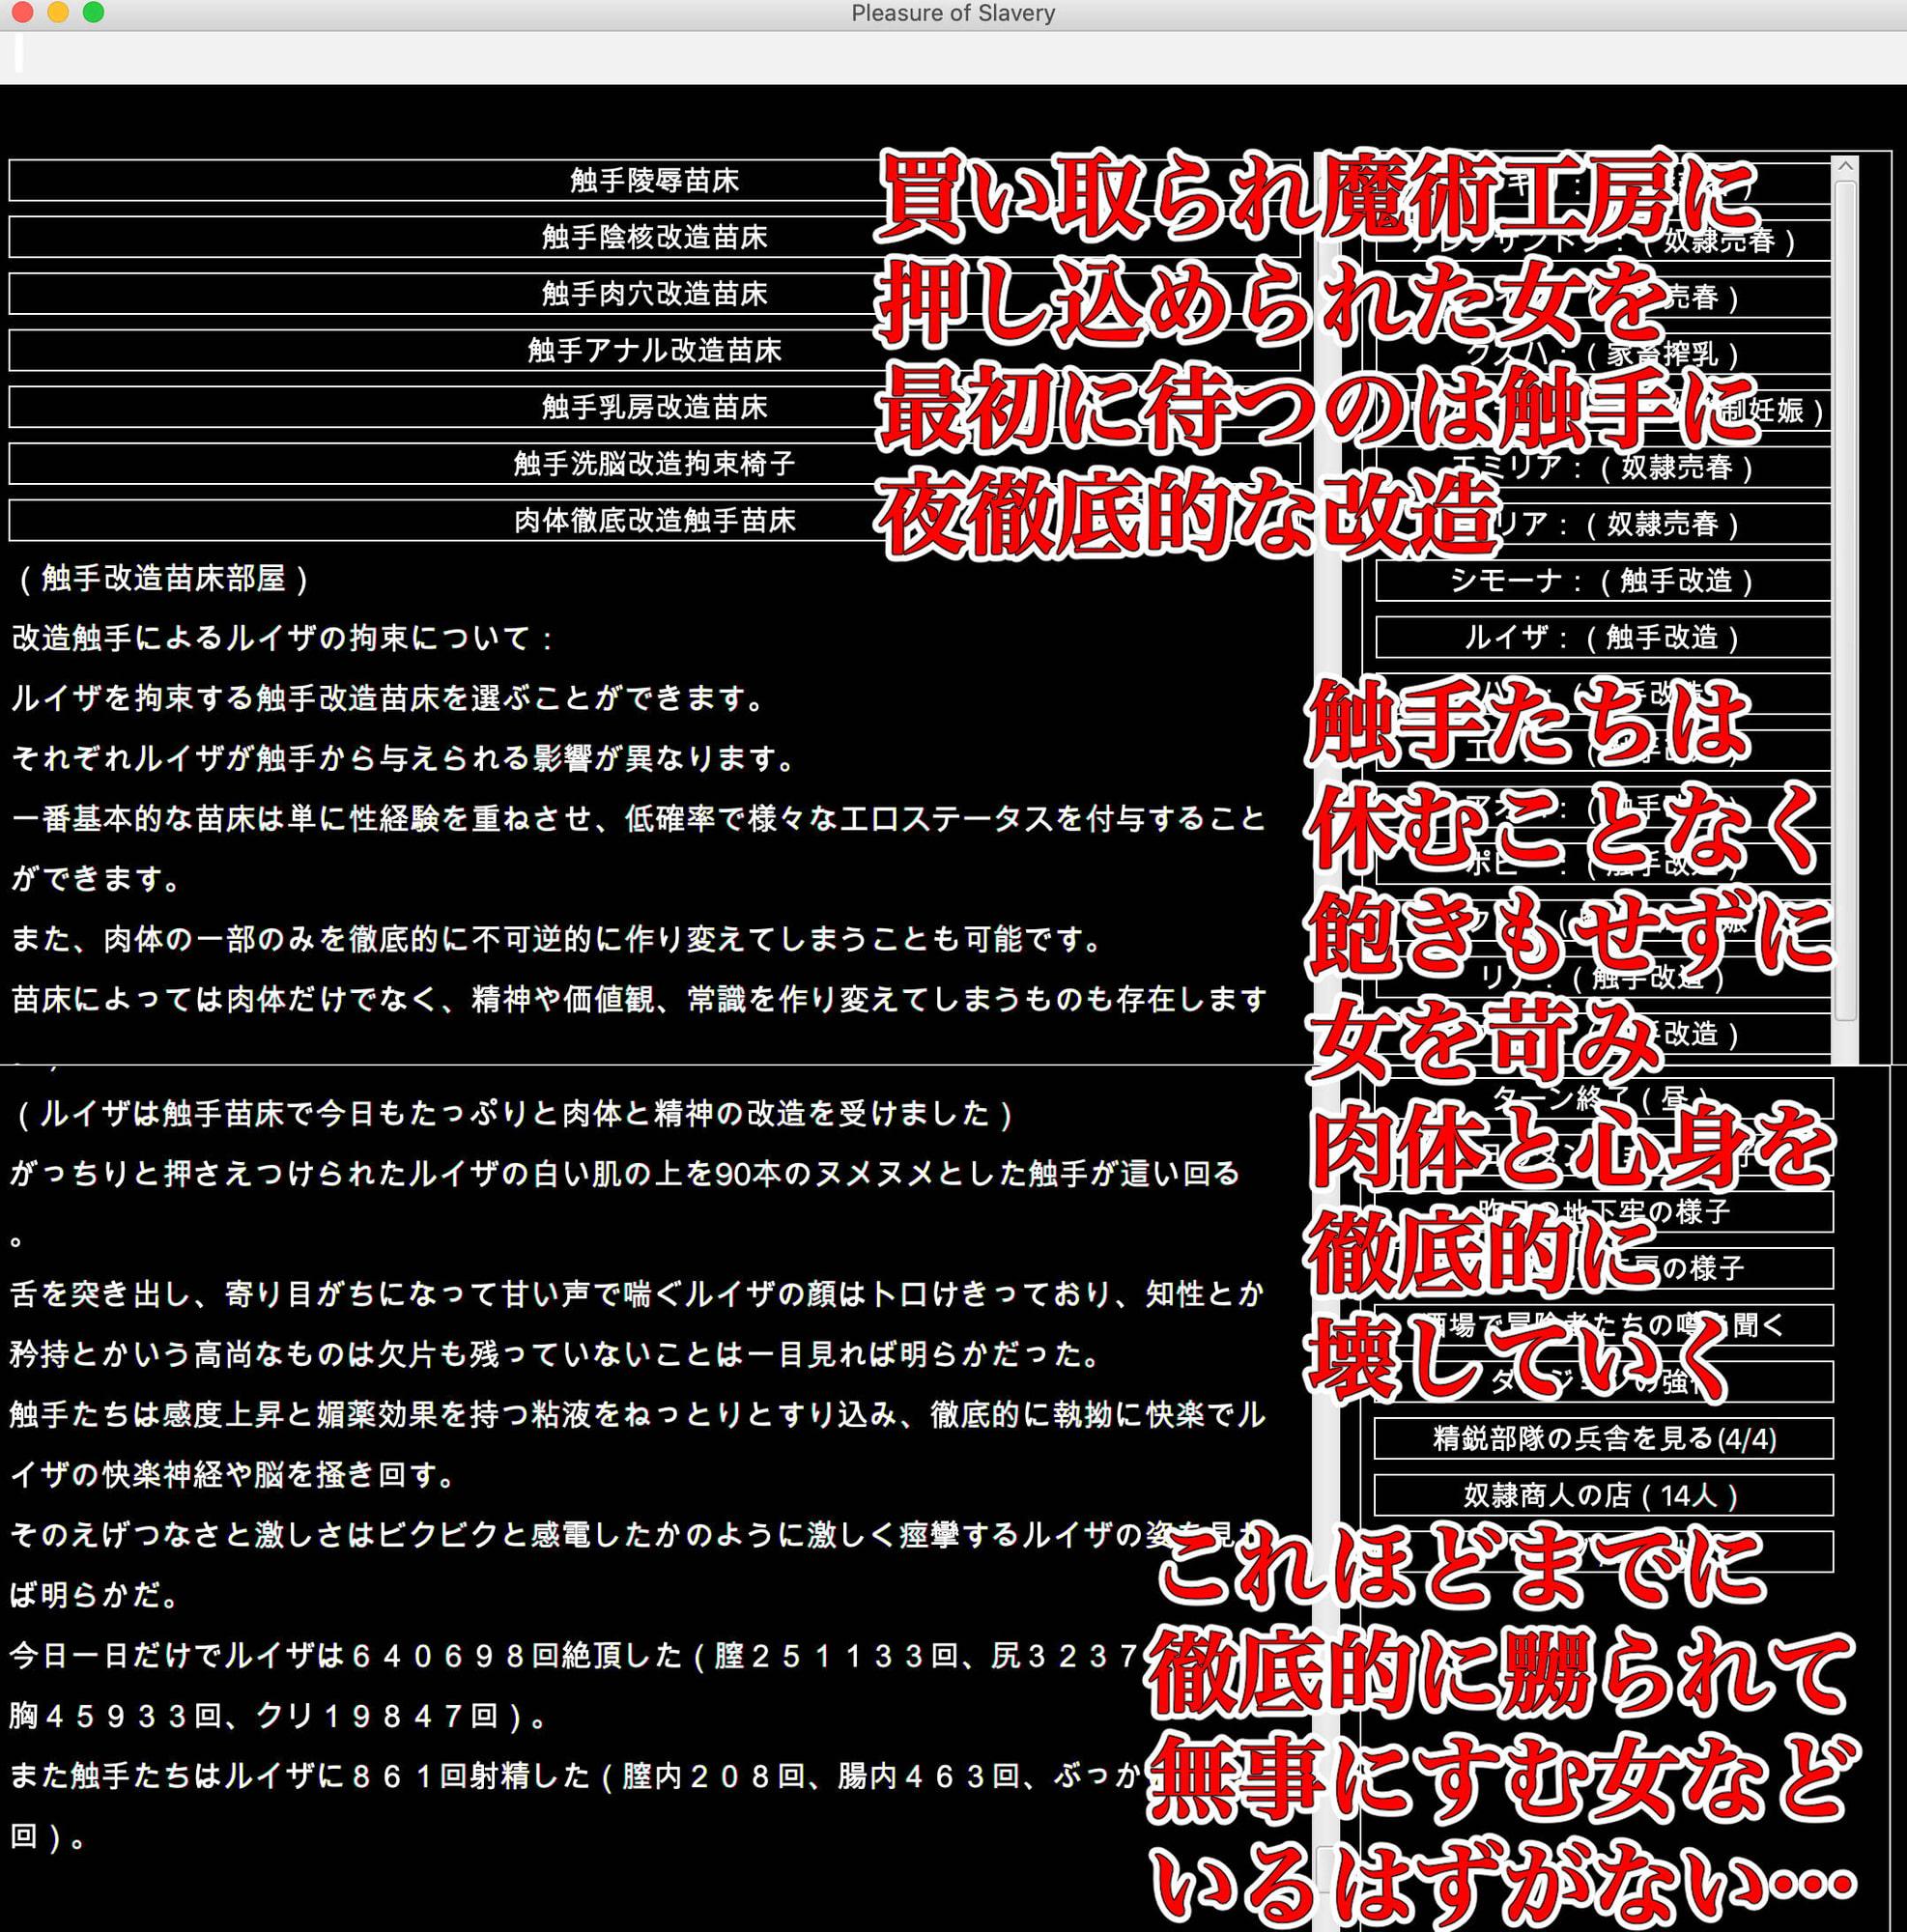 陵辱異種姦ダンジョン〜敗北した女冒険者は魔物の孕み袋〜7